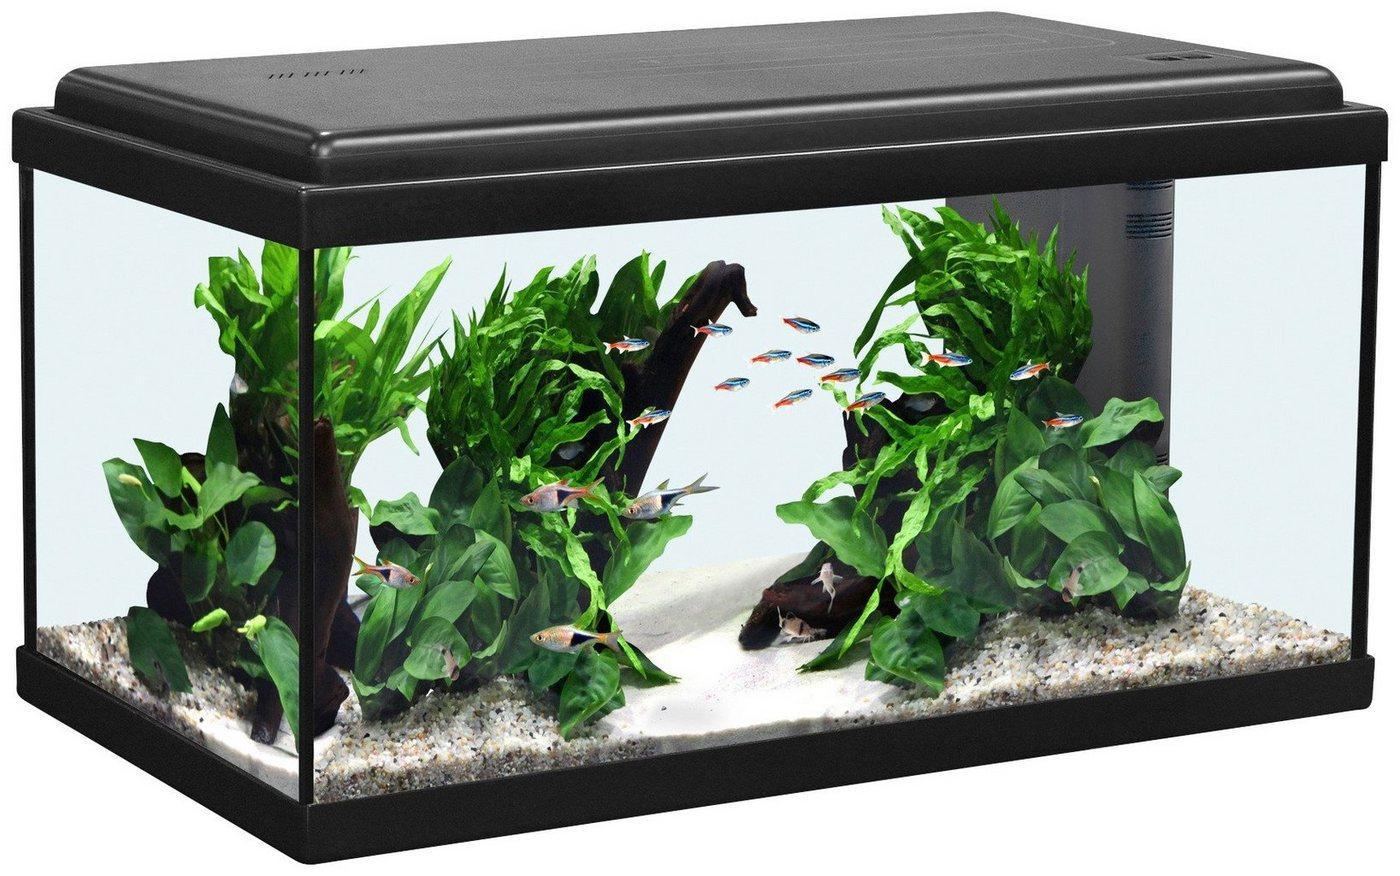 Aquatlantis Aquarium »Advance 60 LED«, BxTxH: 60x30x34 cm, 54 l